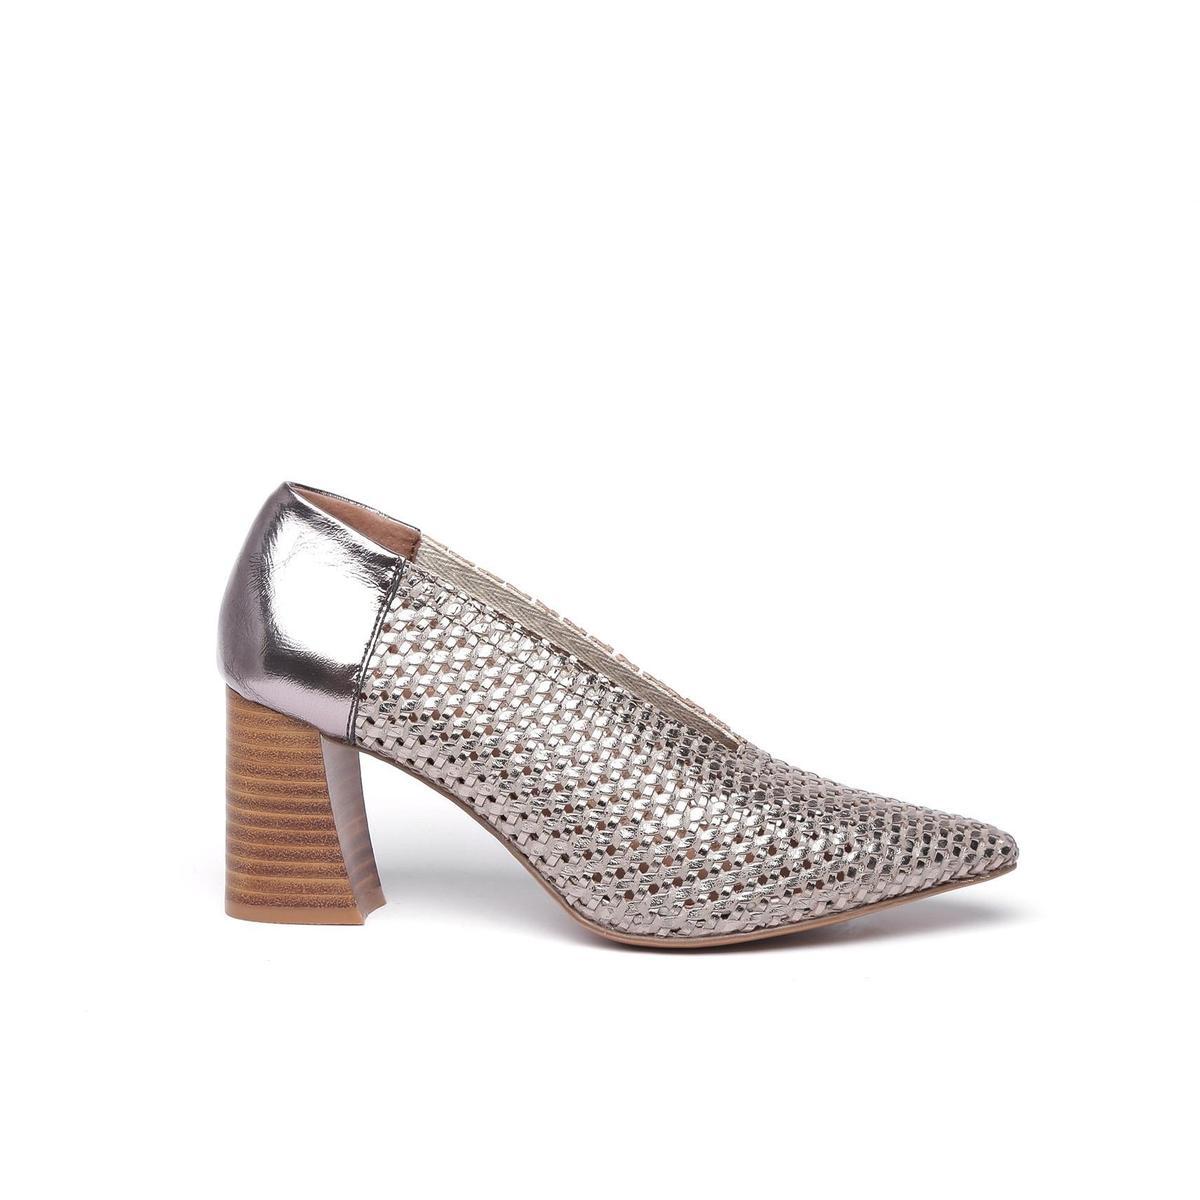 (微風廣場新櫃)Lins尖頭鏤空粗跟鞋,原價4,980元、特價2,500元。(限量5雙)